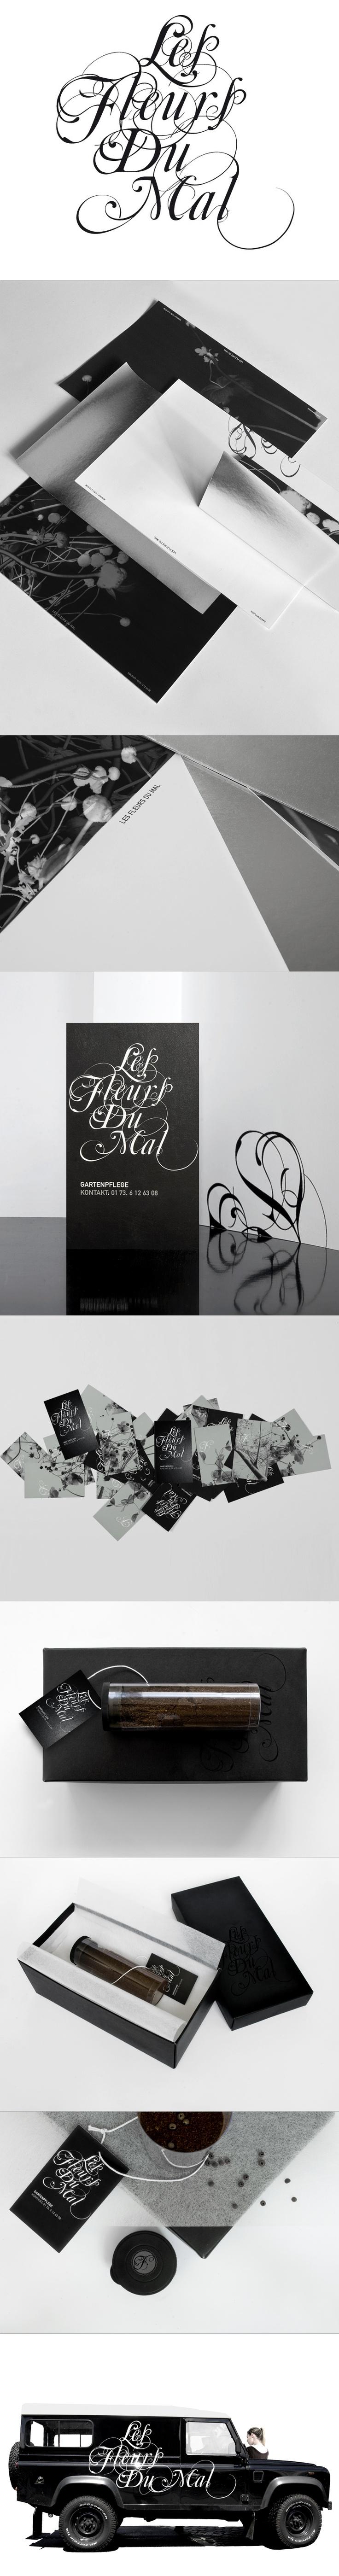 Les fleurs du mal | Corporate Design, Logoentwicklung, Geschäftsausstattung, Fotografie